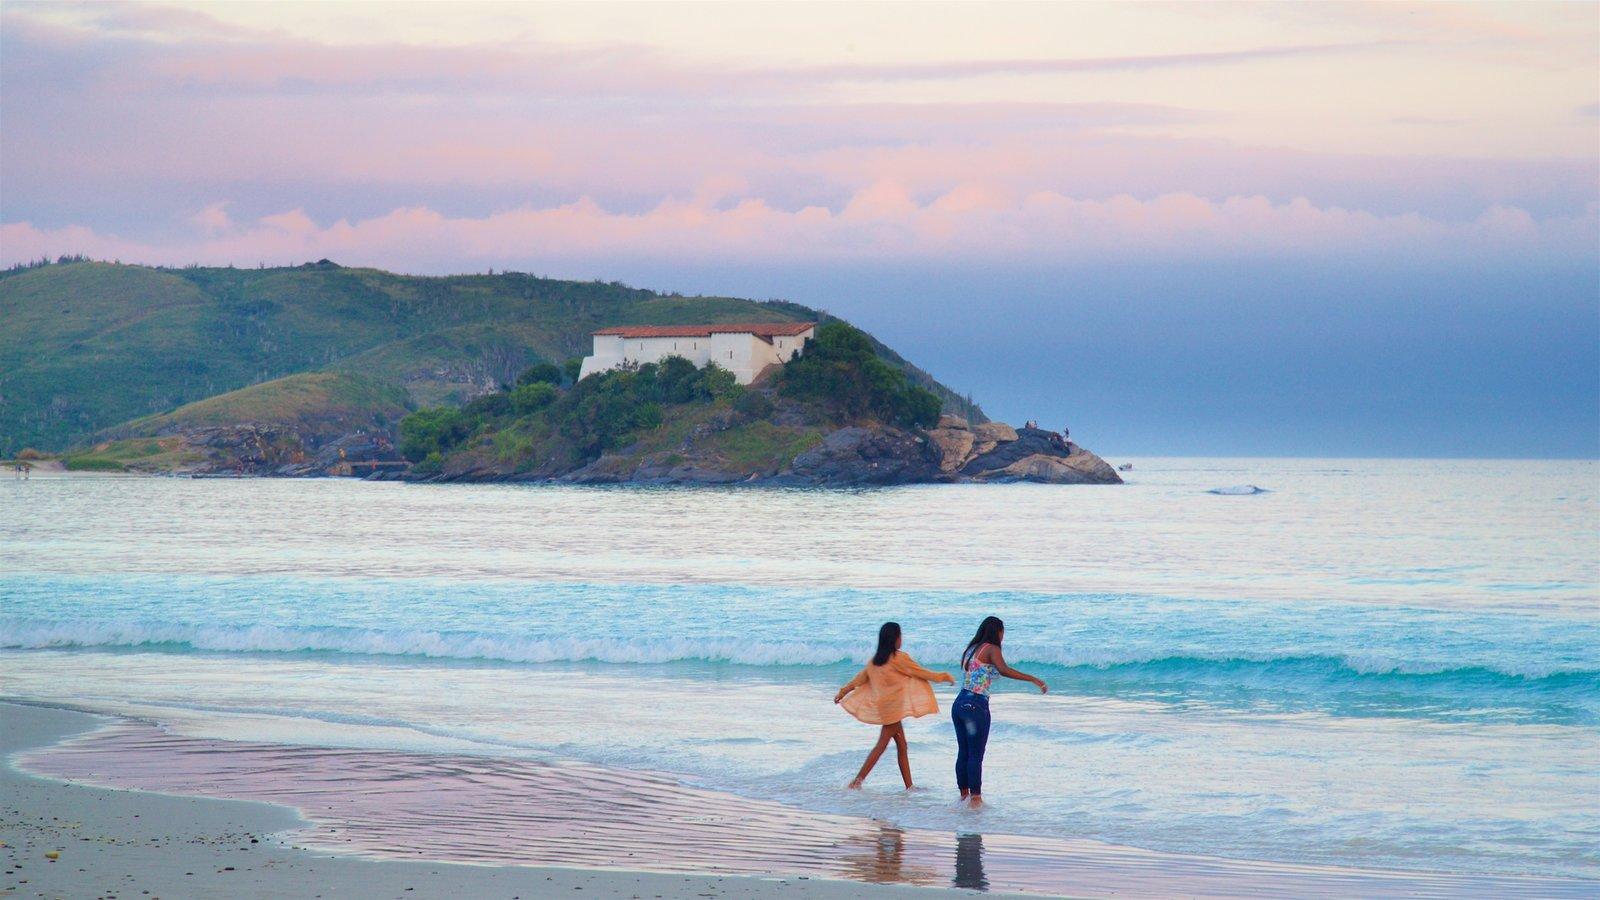 Forte São Mateus mostrando um pôr do sol, paisagens litorâneas e uma praia